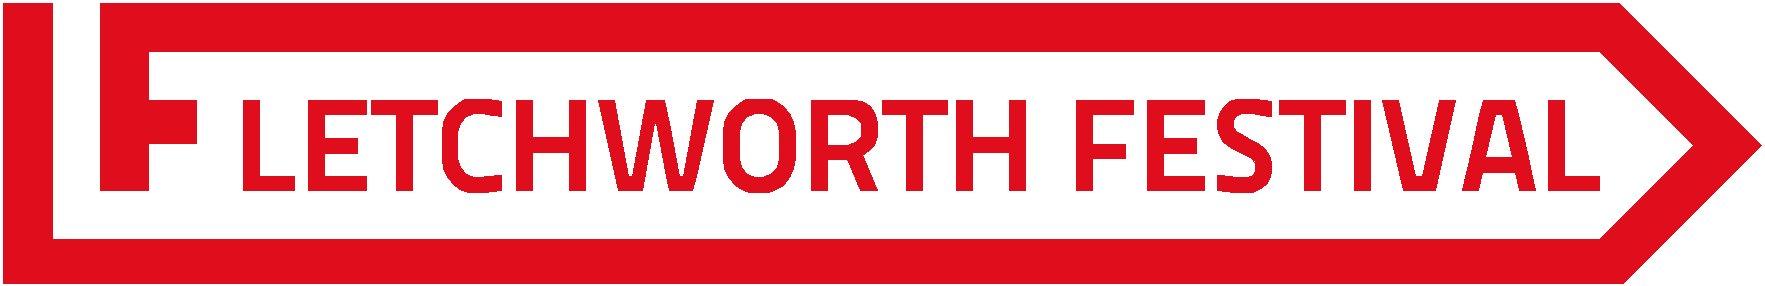 The 'Letchworth Festival' logo